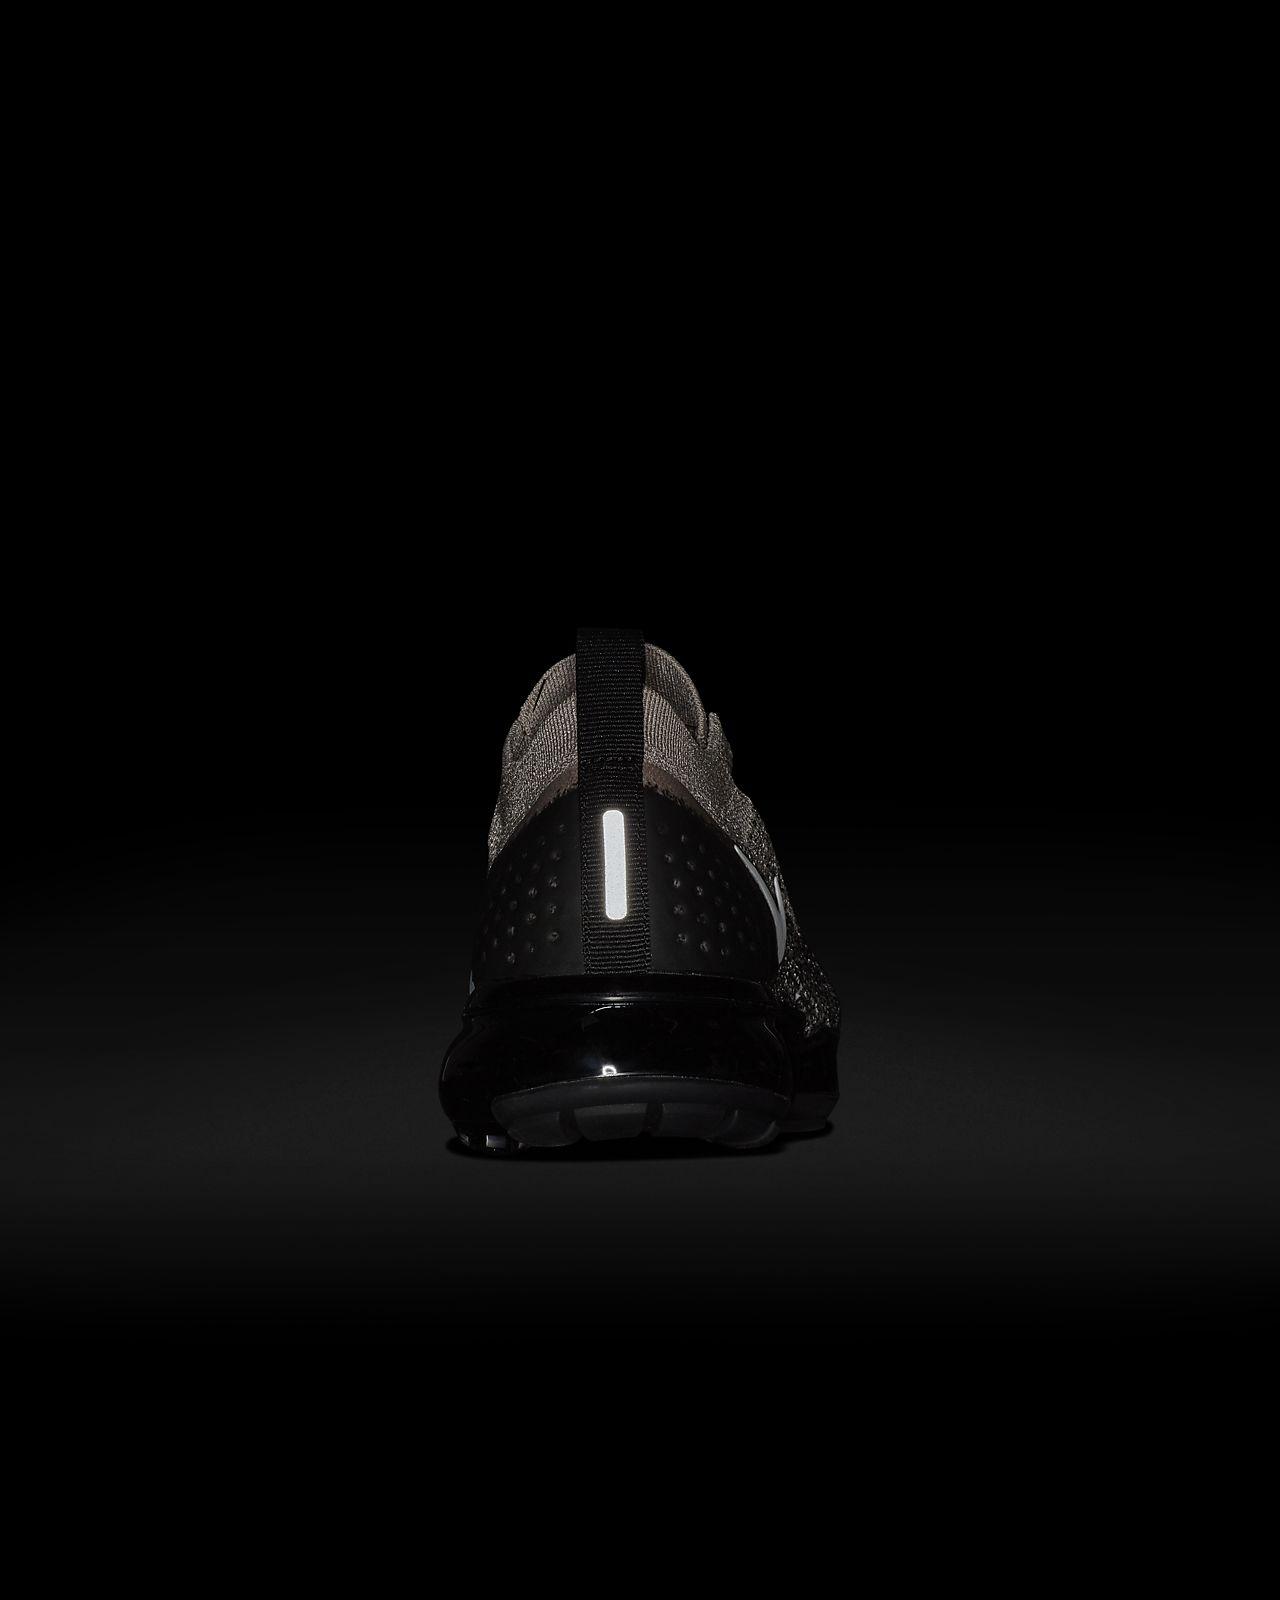 afba121a18b Nike Air VaporMax Flyknit Moc 2 Women s Shoe. Nike.com EG